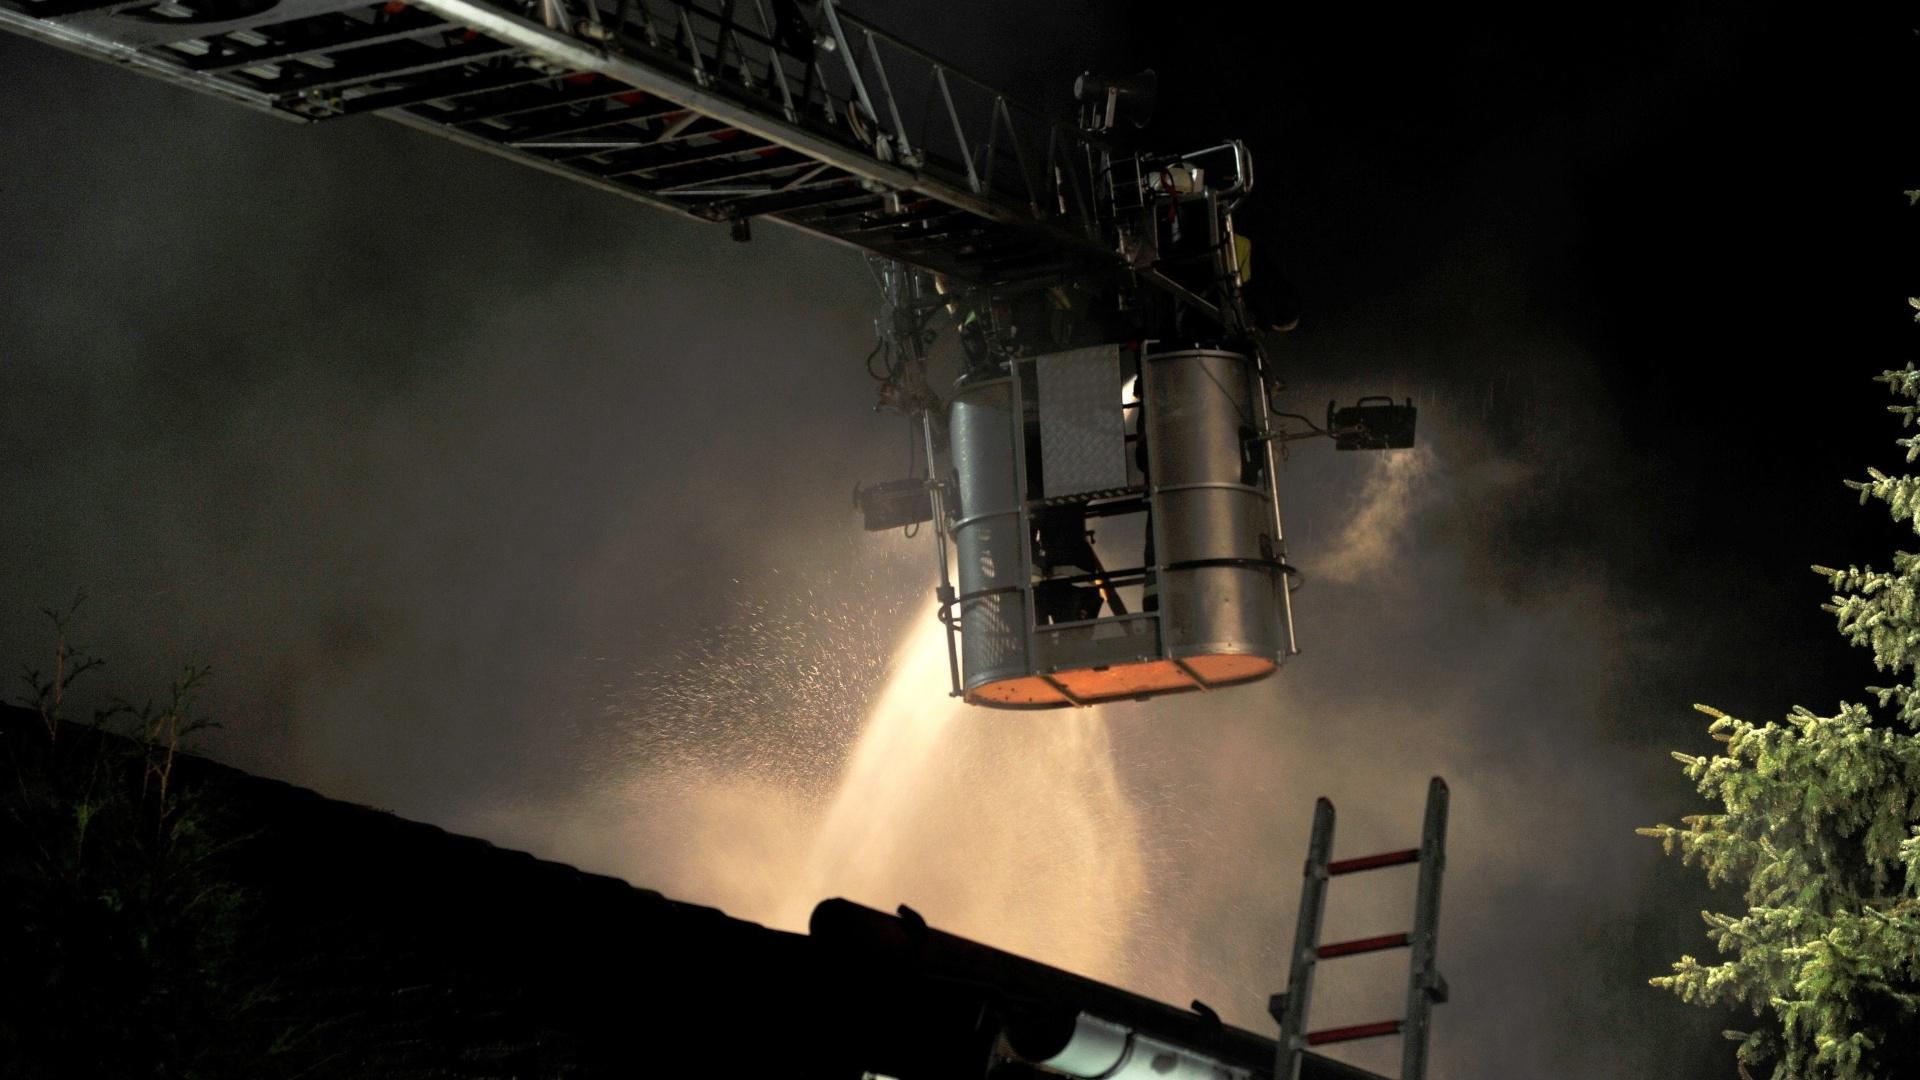 Bombeiros trabalham para acabar com fogo na casa do zagueiro Breno, que foi resgatado sem ferimentos graves do local